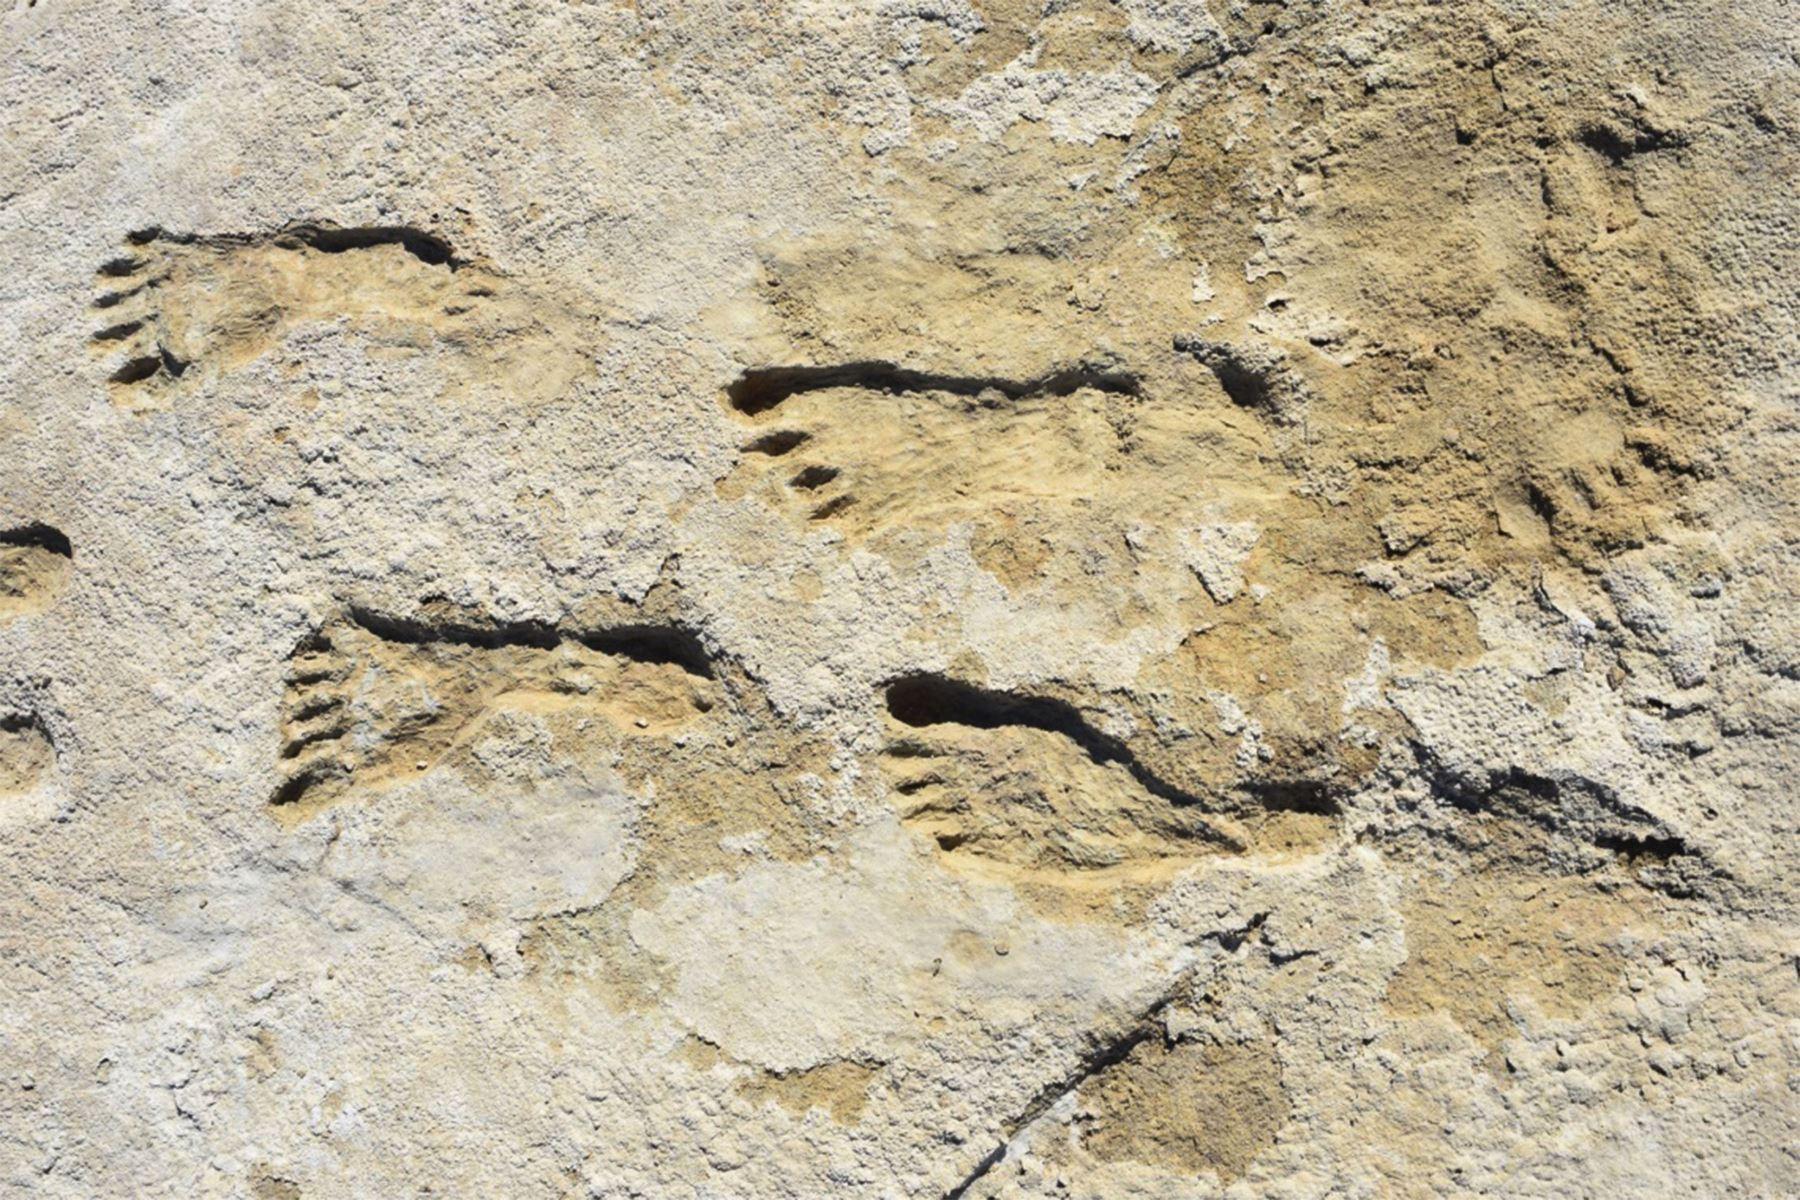 Fotografía cedida por el Parque Nacional White Sands, en Nuevo México, donde se muestran las huellas humanas que fueron descubiertas por primera vez por David Bustos. Foto: Efe.